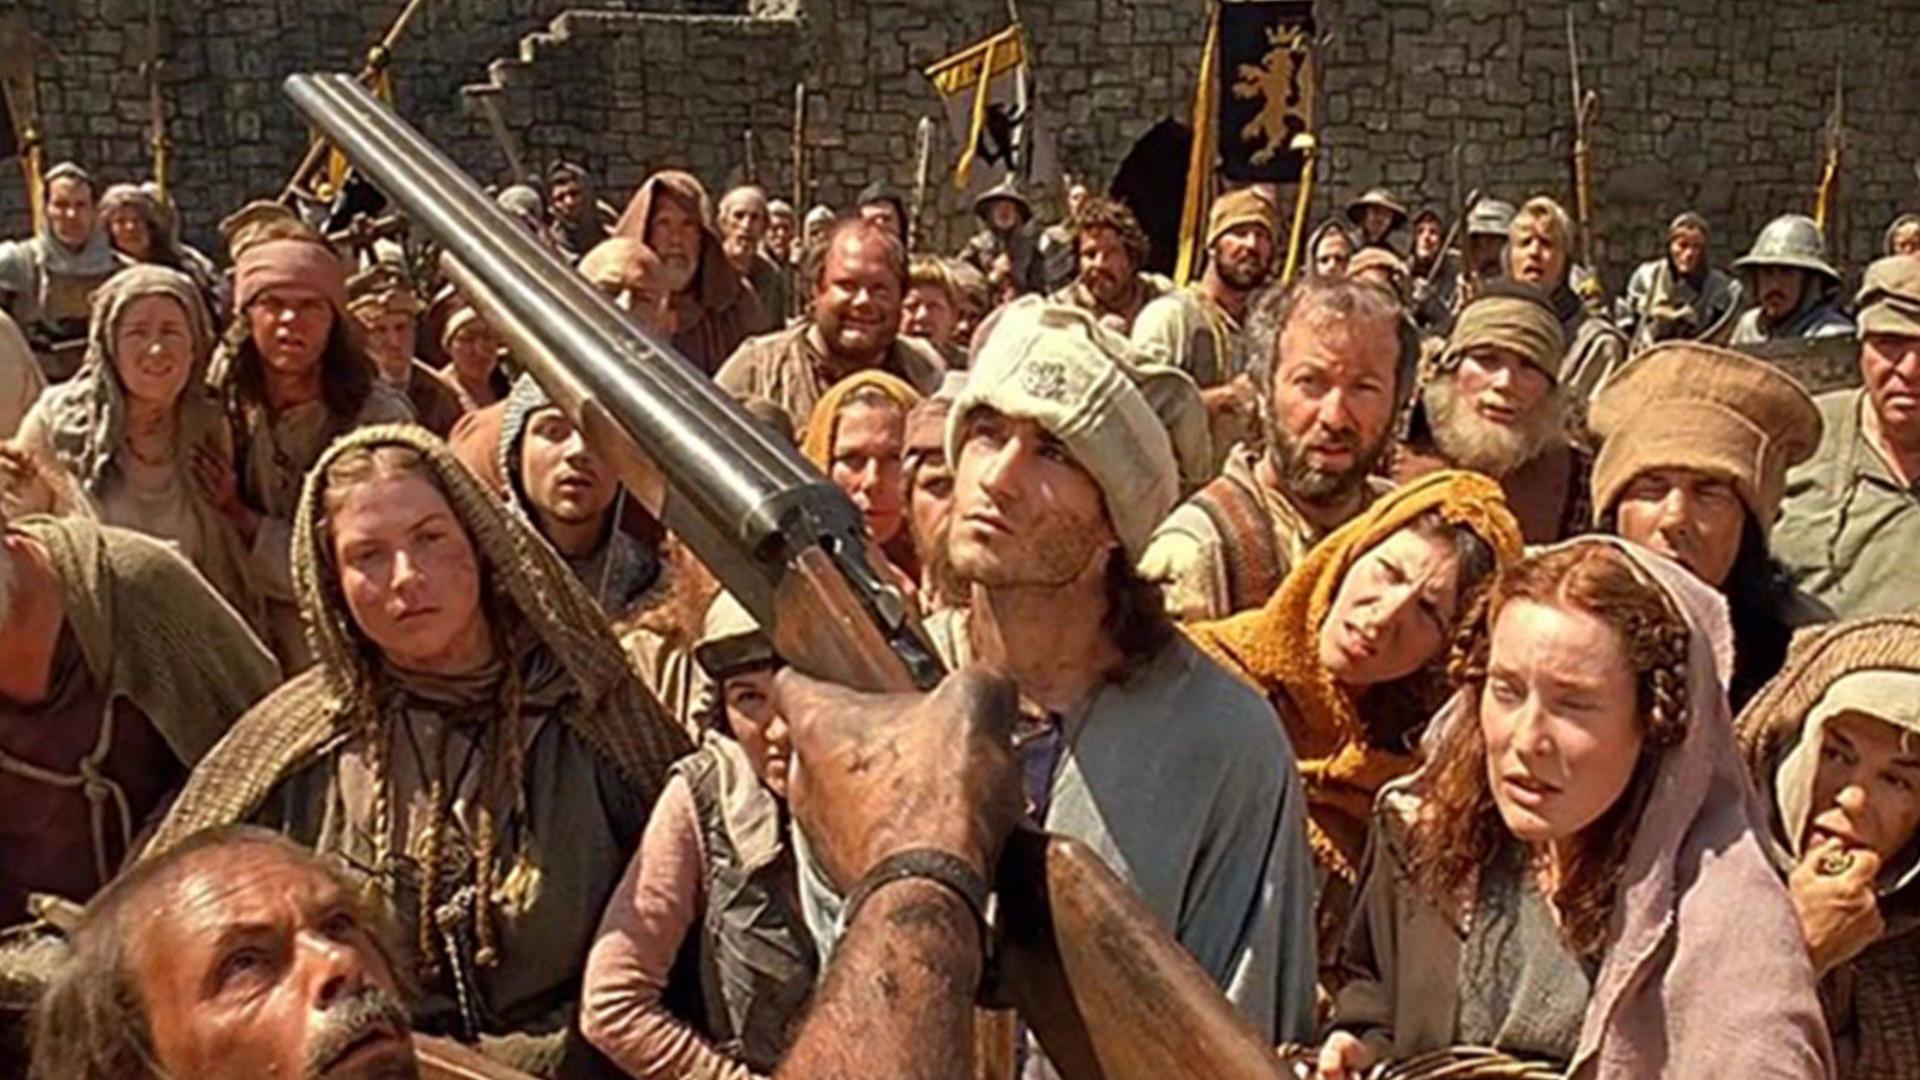 小伙带了一把双管猎枪回到古代,镇住了所有人,开始为所欲为!